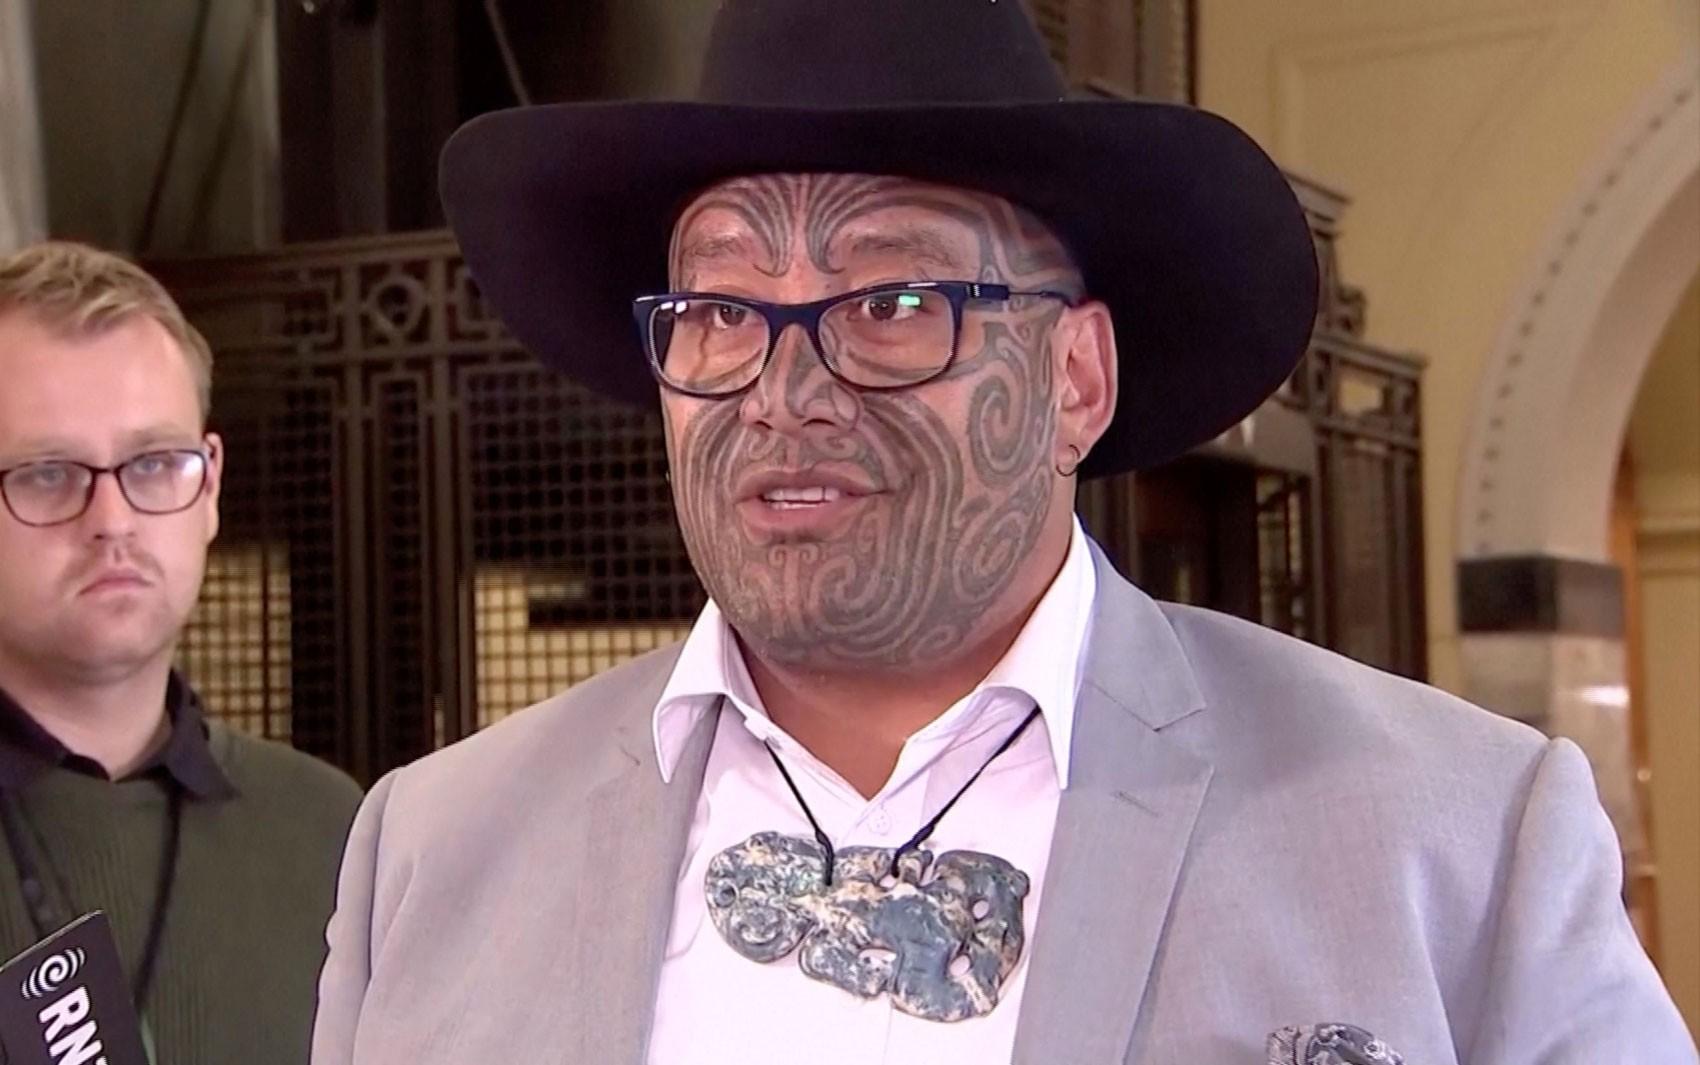 Deputado maori é expulso de parlamento na Nova Zelândia após dançar haka